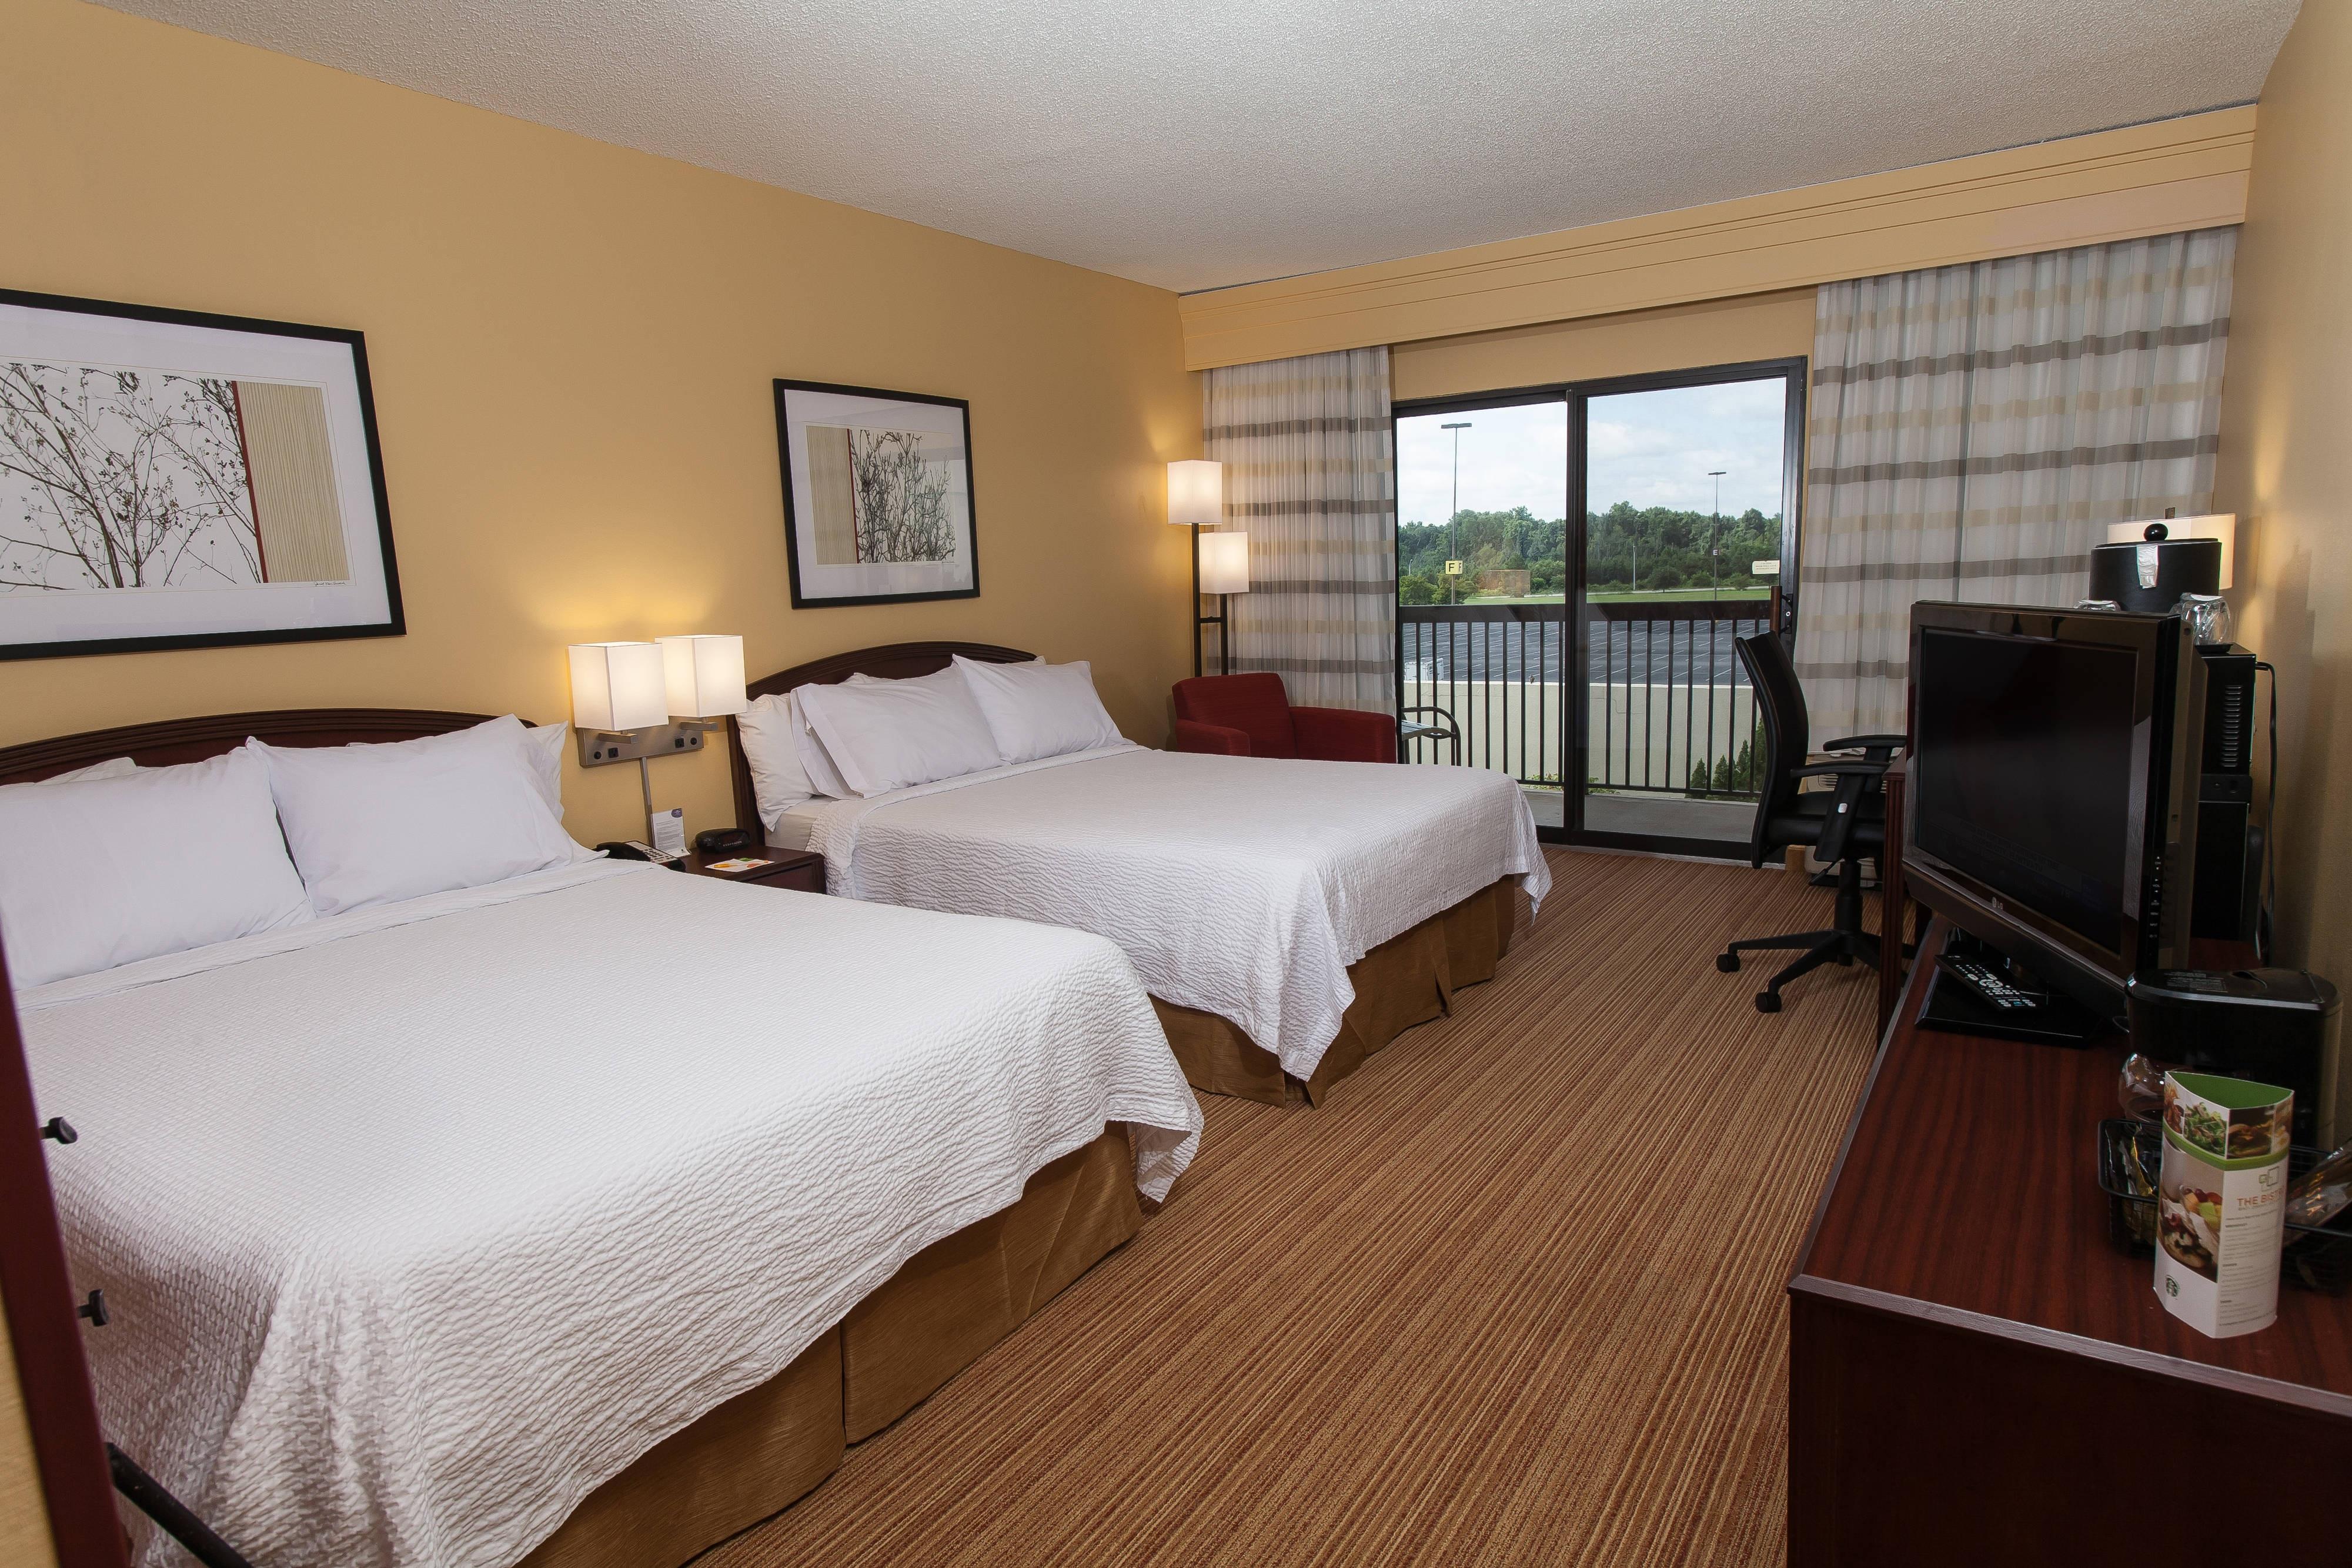 Gästezimmer mit zwei Queensize-Betten